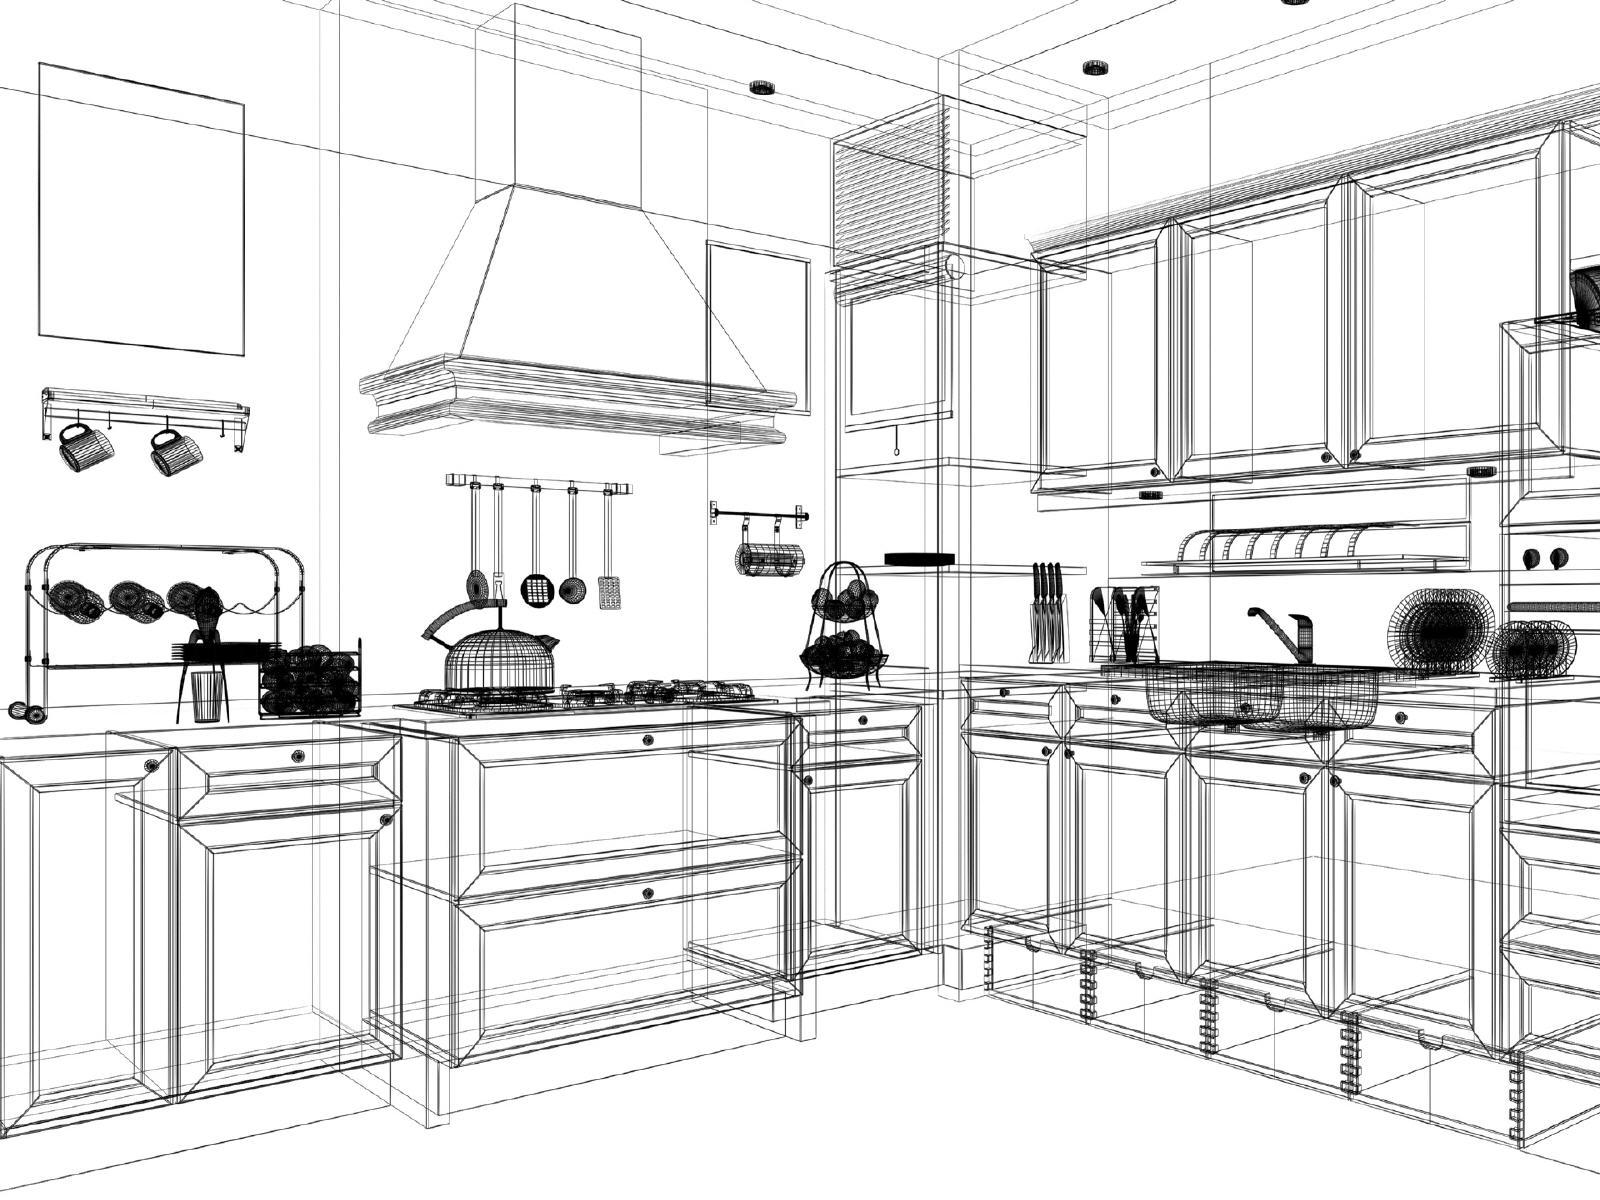 Kuche 3d Zeichnen Onlineplaner Zur Kuchenplanung Kostenfrei Nutzen